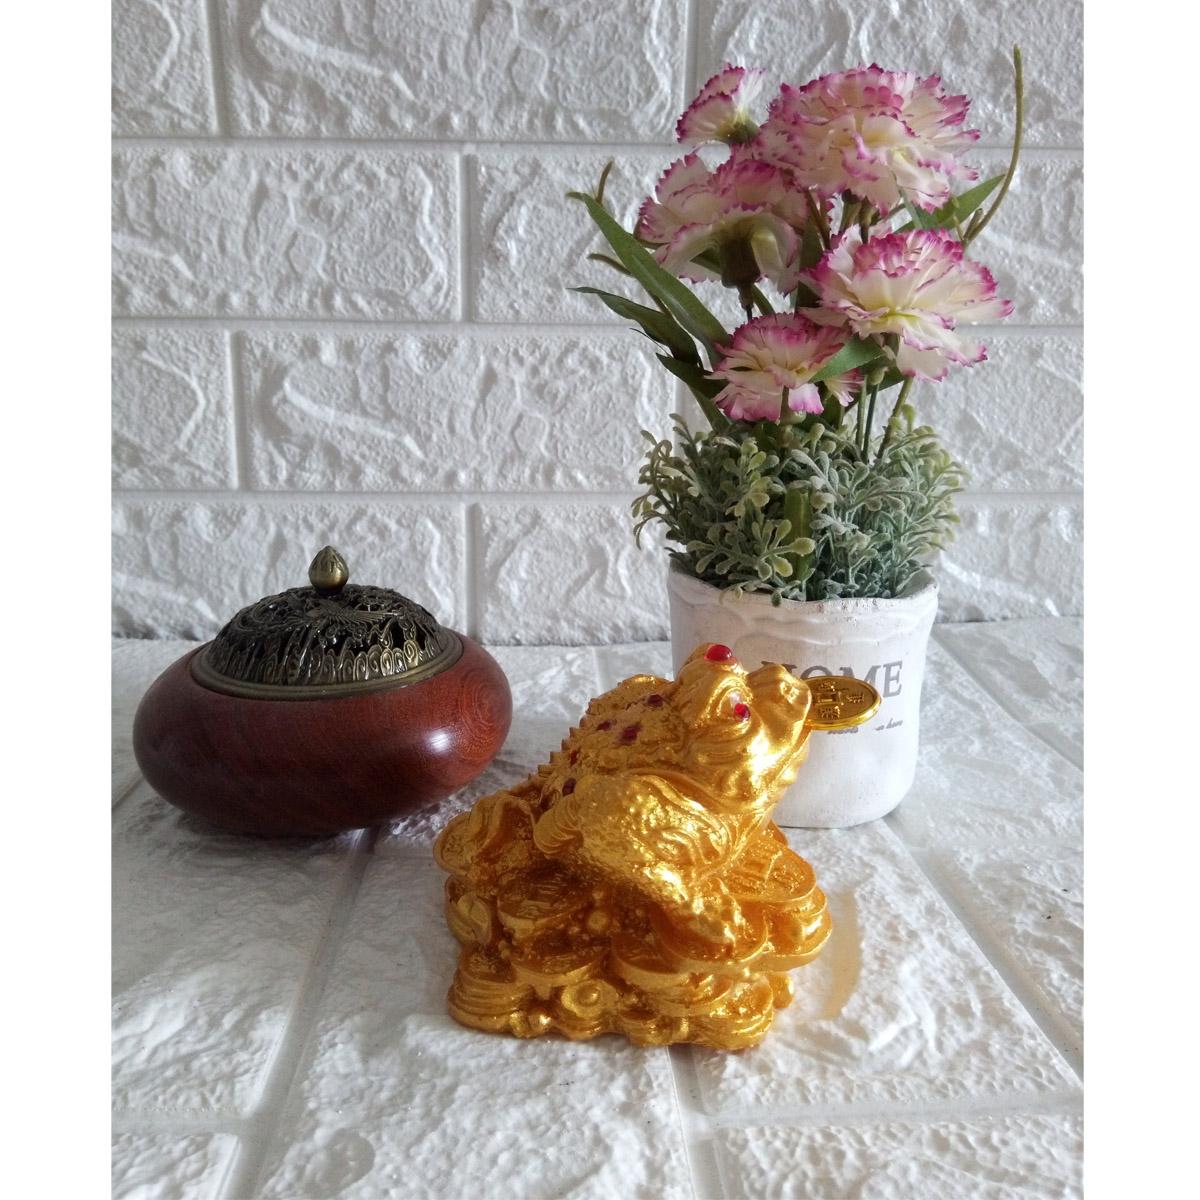 Thiềm thừ chiêu giữ tài lộc Cóc ba chân ngậm tiền vàng màu nhũ vàng - CNV10